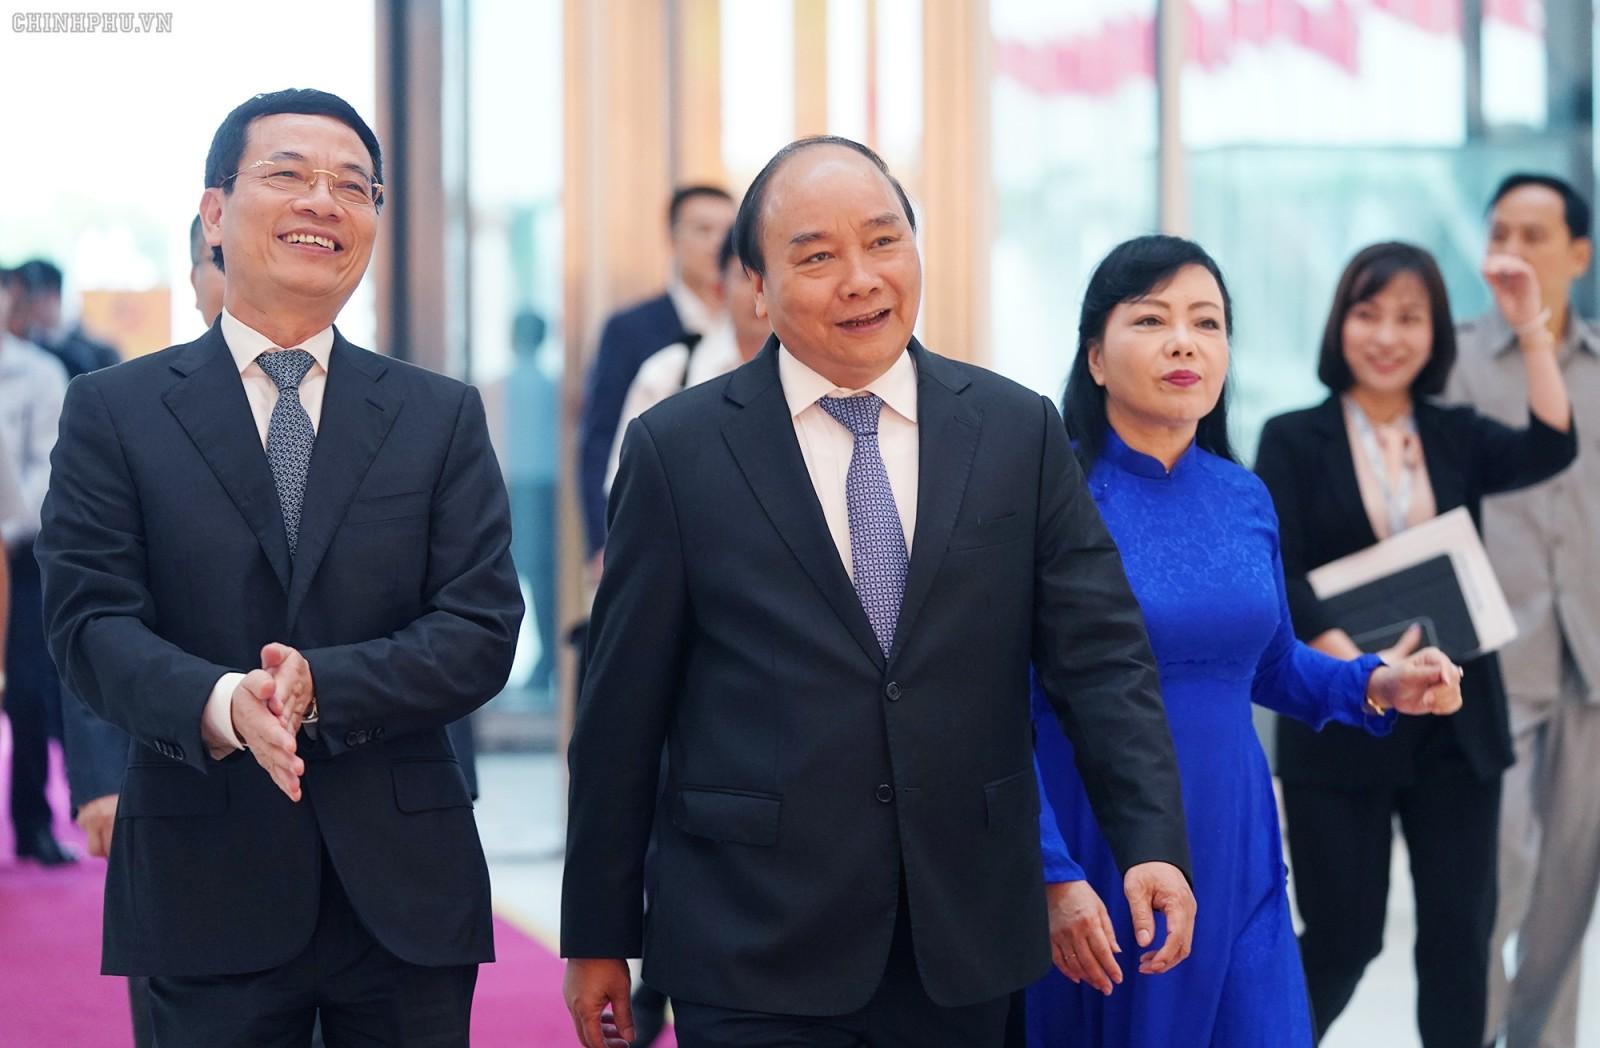 Trước giờ khai mạc diễn đàn, Thủ tướng Nguyễn Xuân Phúc và các đại biểu đã tham quan Triển lãm công nghệ Việt Nam. Ảnh VGP/Quang Hiếu